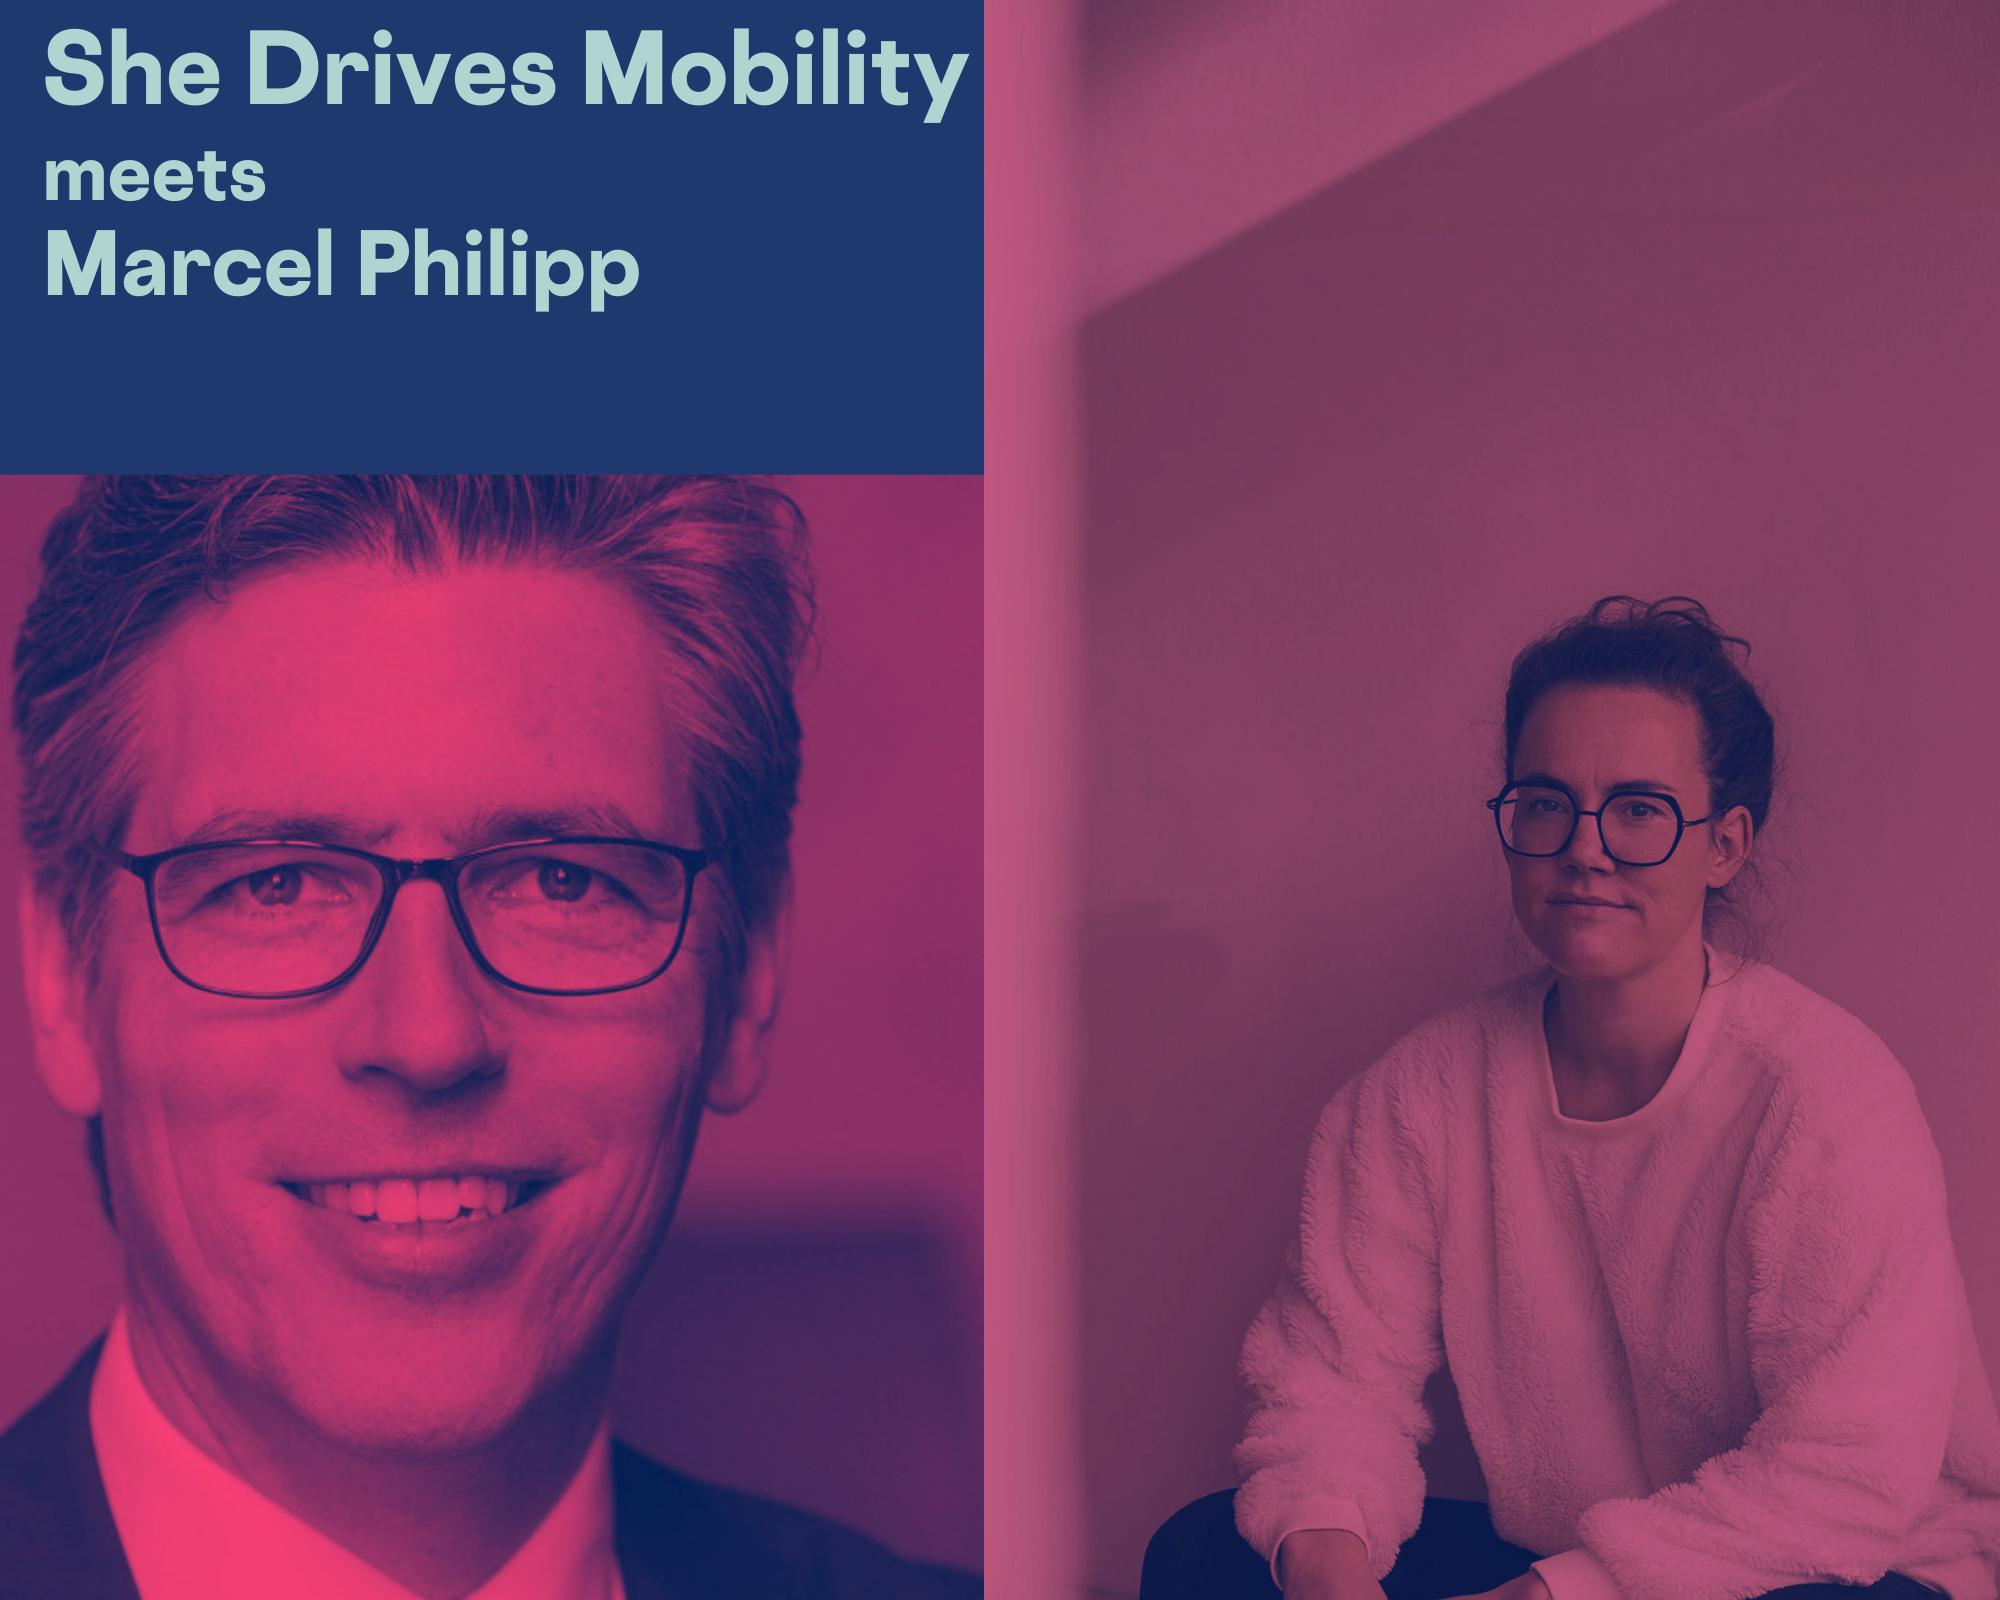 Coverbild der Folge She Drives Mobility mit Marcel Philipp, heute CEO der e2.go GmbH, zuvor Oberbürgermeister von Aachen.